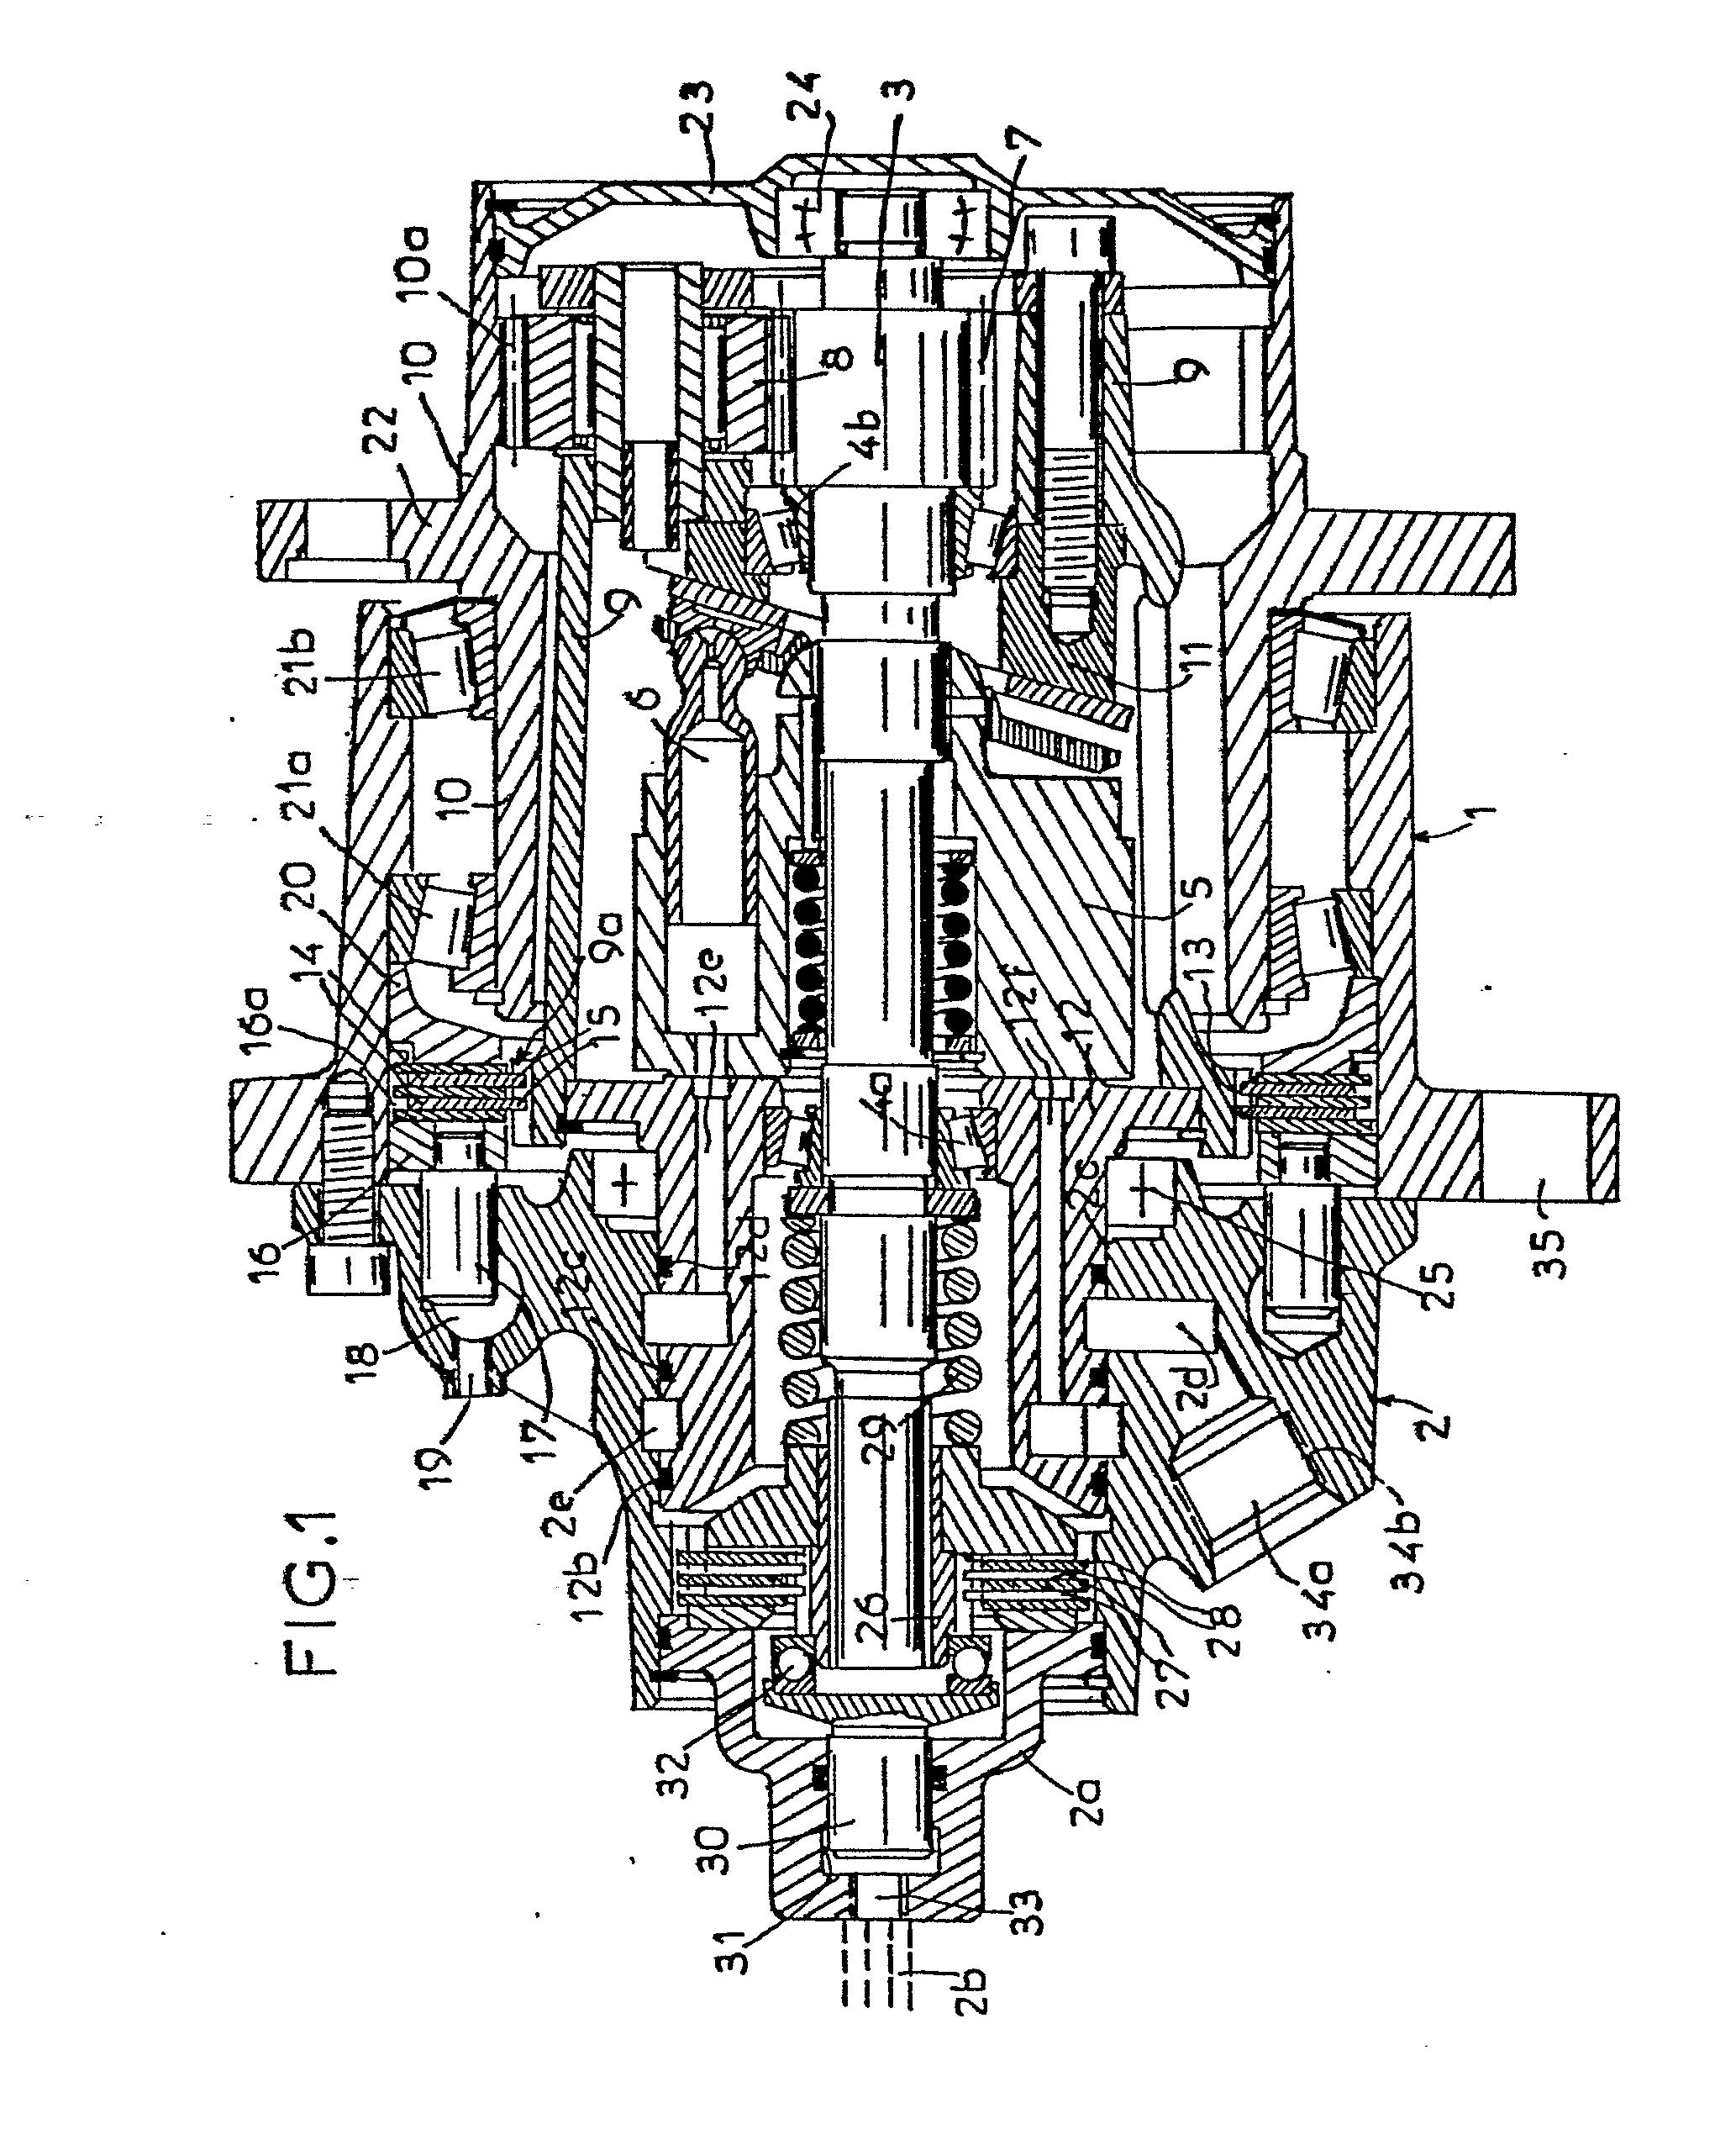 patent ep0128104a1 m canisme de transmission de puissance google patents. Black Bedroom Furniture Sets. Home Design Ideas